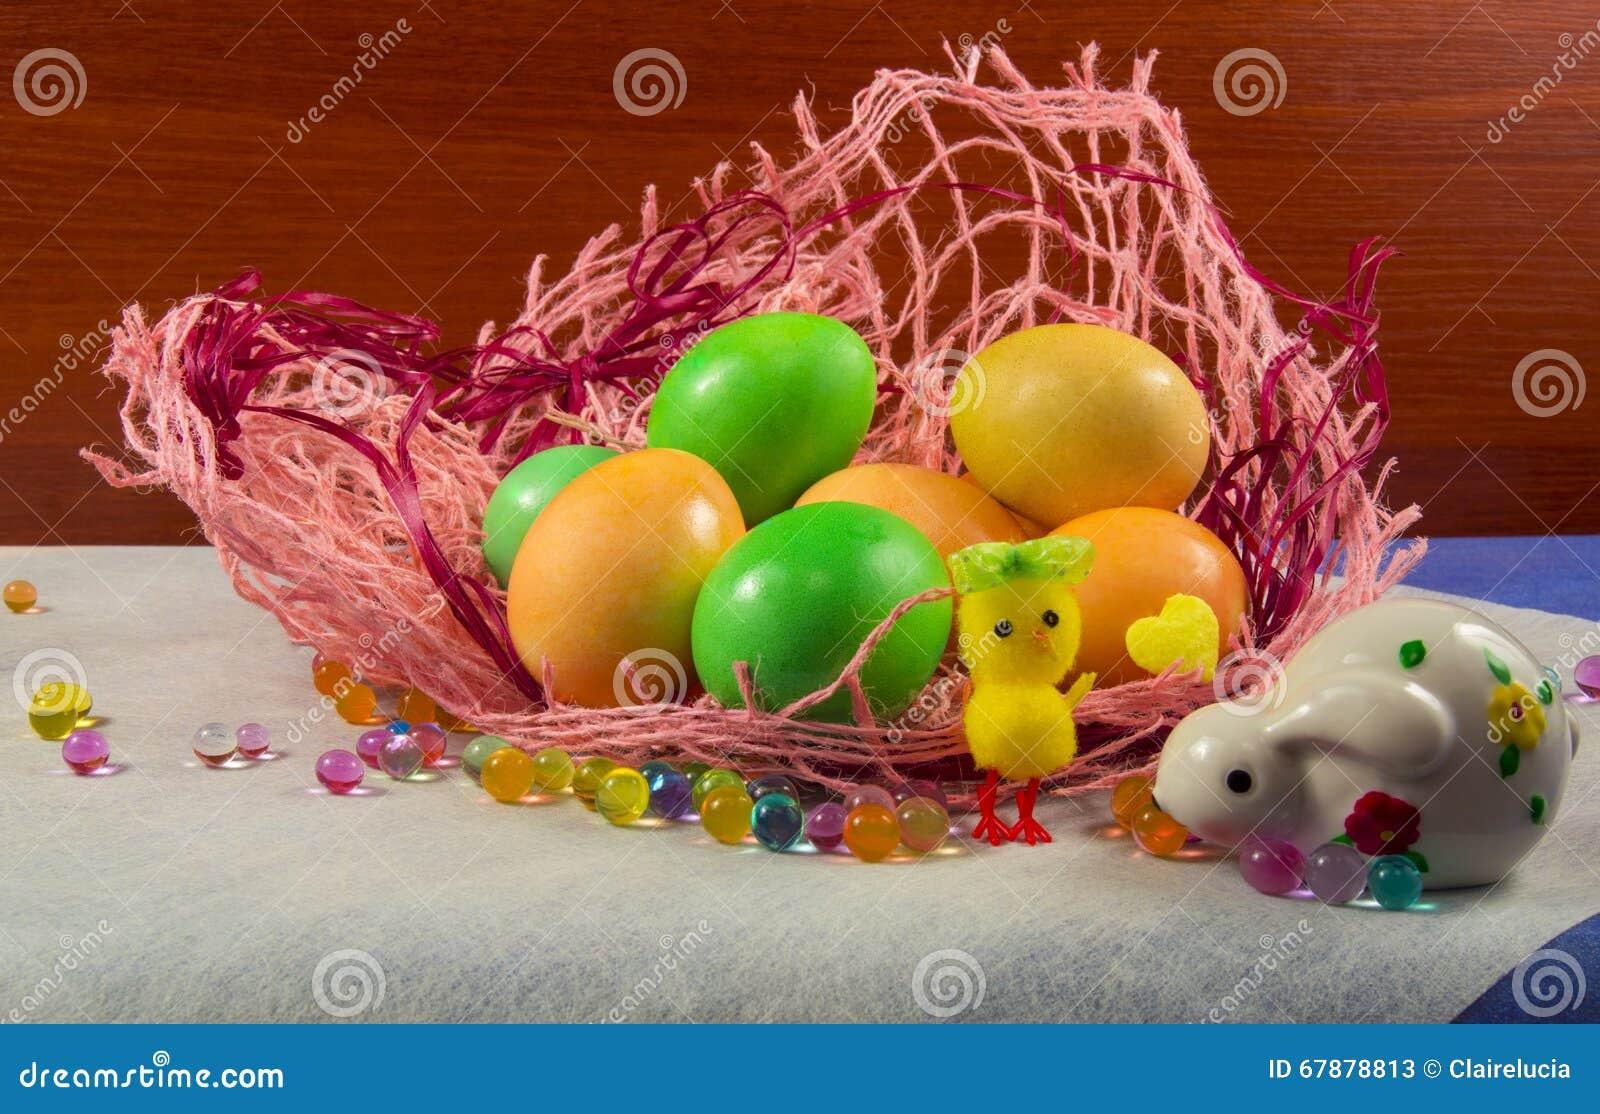 复活节上色了鸡蛋、兔子和鸡